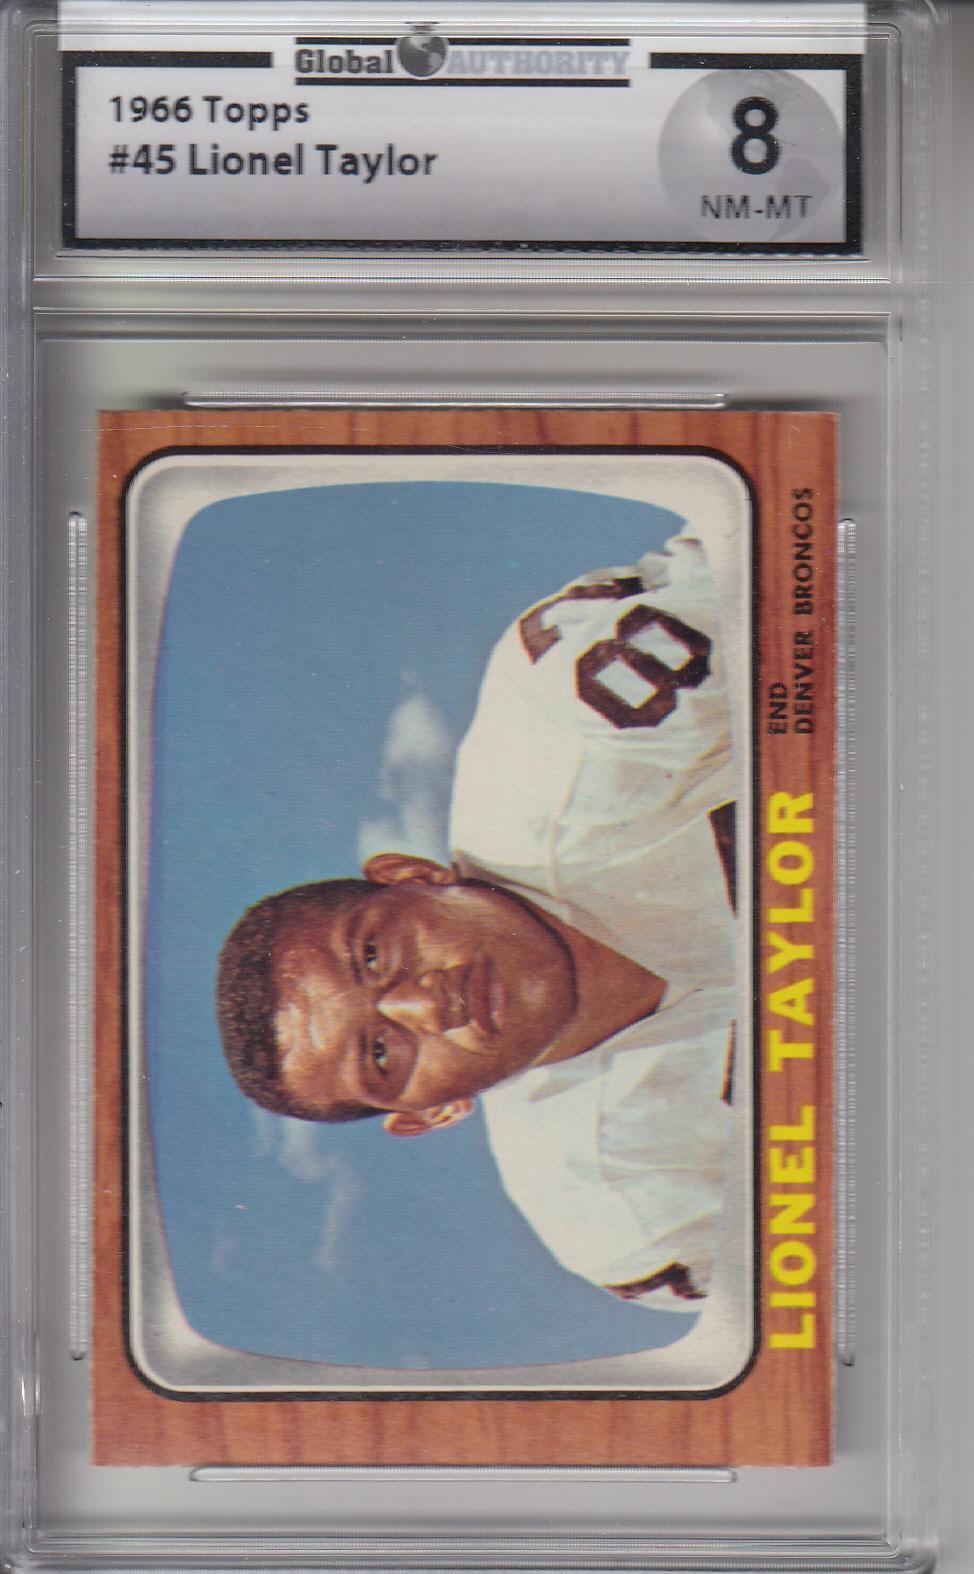 1966 Topps #45 Lionel Taylor BRONCOS GAI 8 NM-MT Z20809